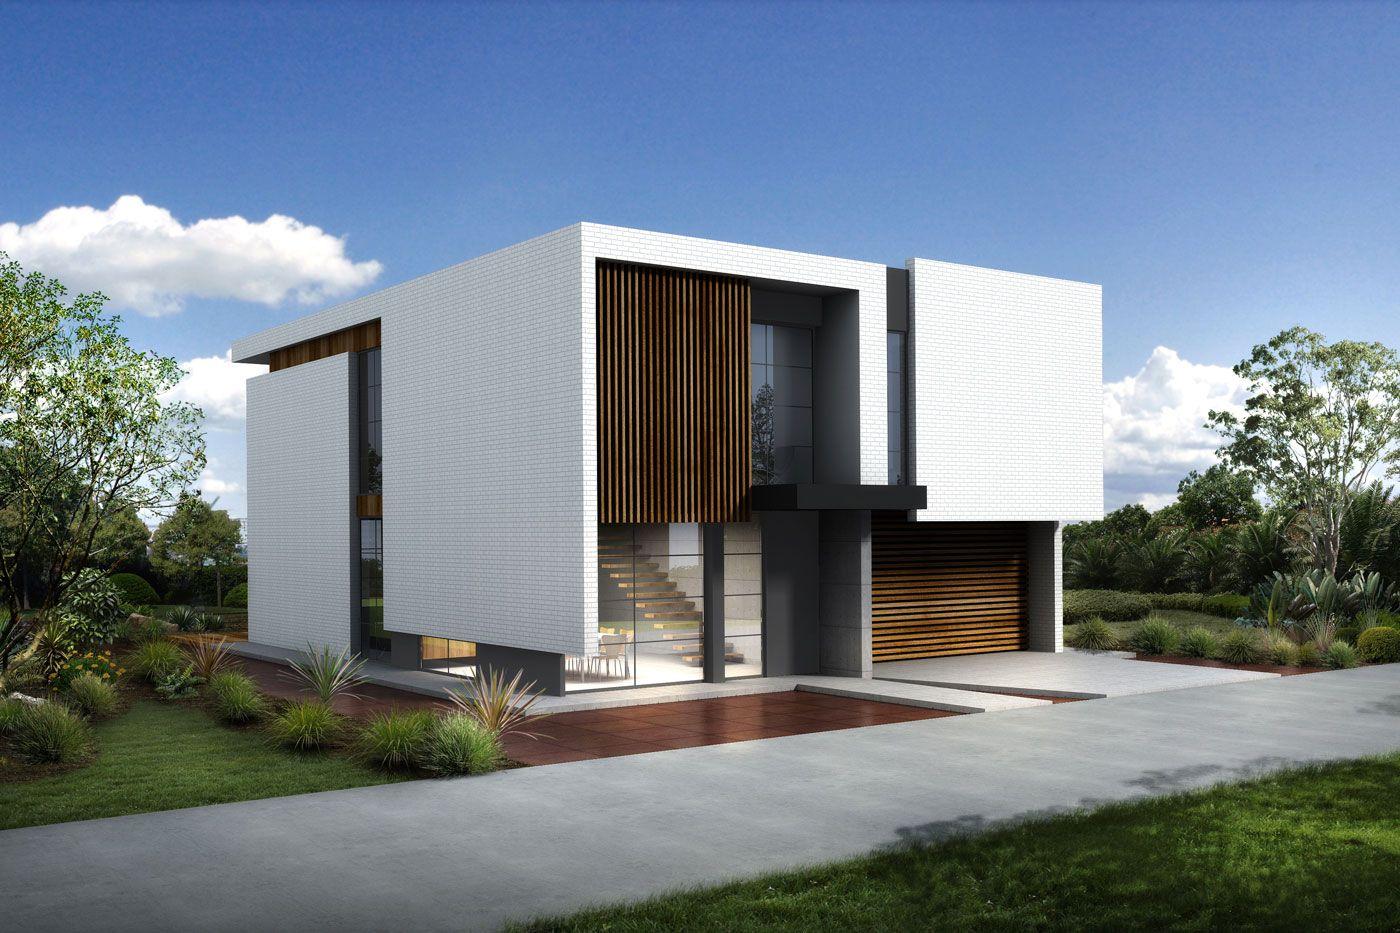 Chris Dimond Architect, Concept